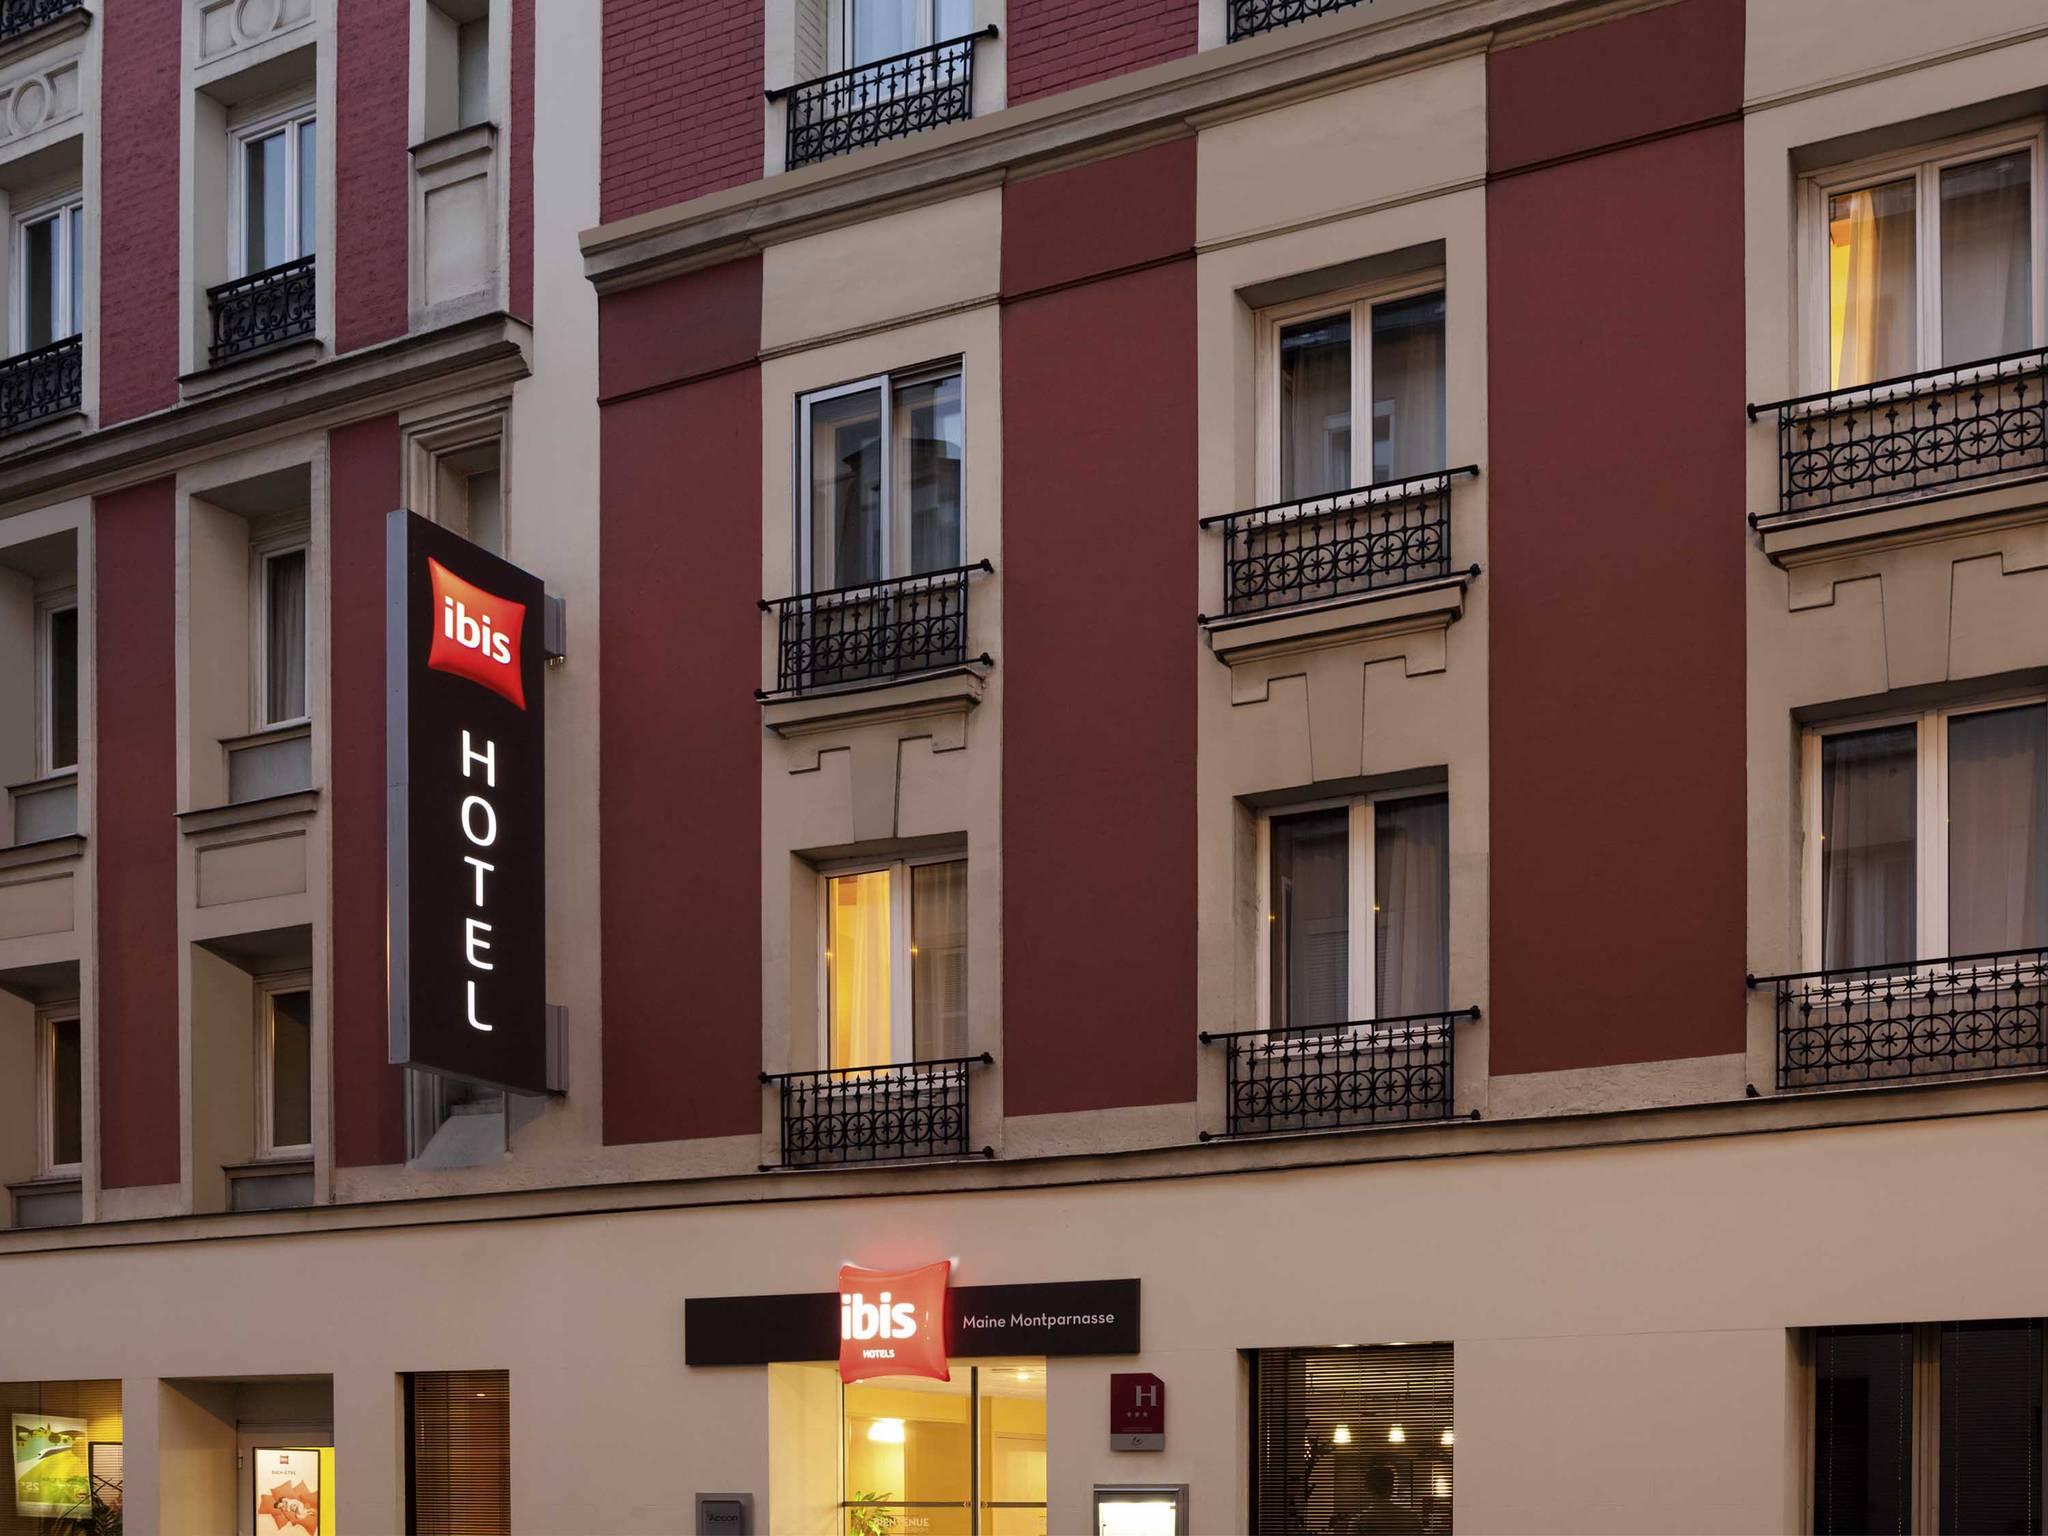 Otel – ibis Paris Maine Montparnasse 14. Bölge